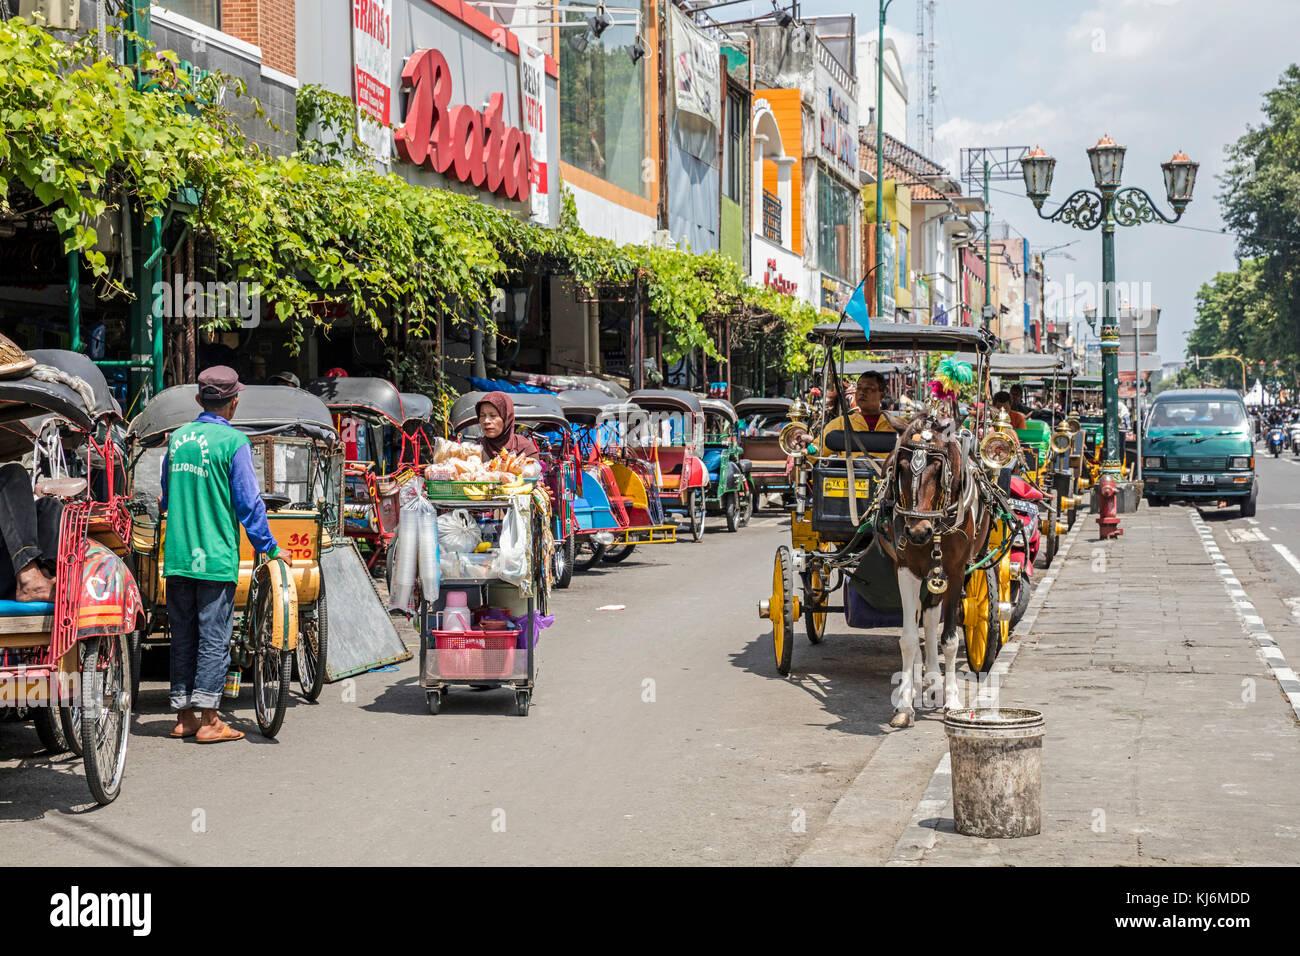 Rickshaws / becak y carruajes tirados por caballos para el transporte público en Jalan Malioboro, la principal Imagen De Stock